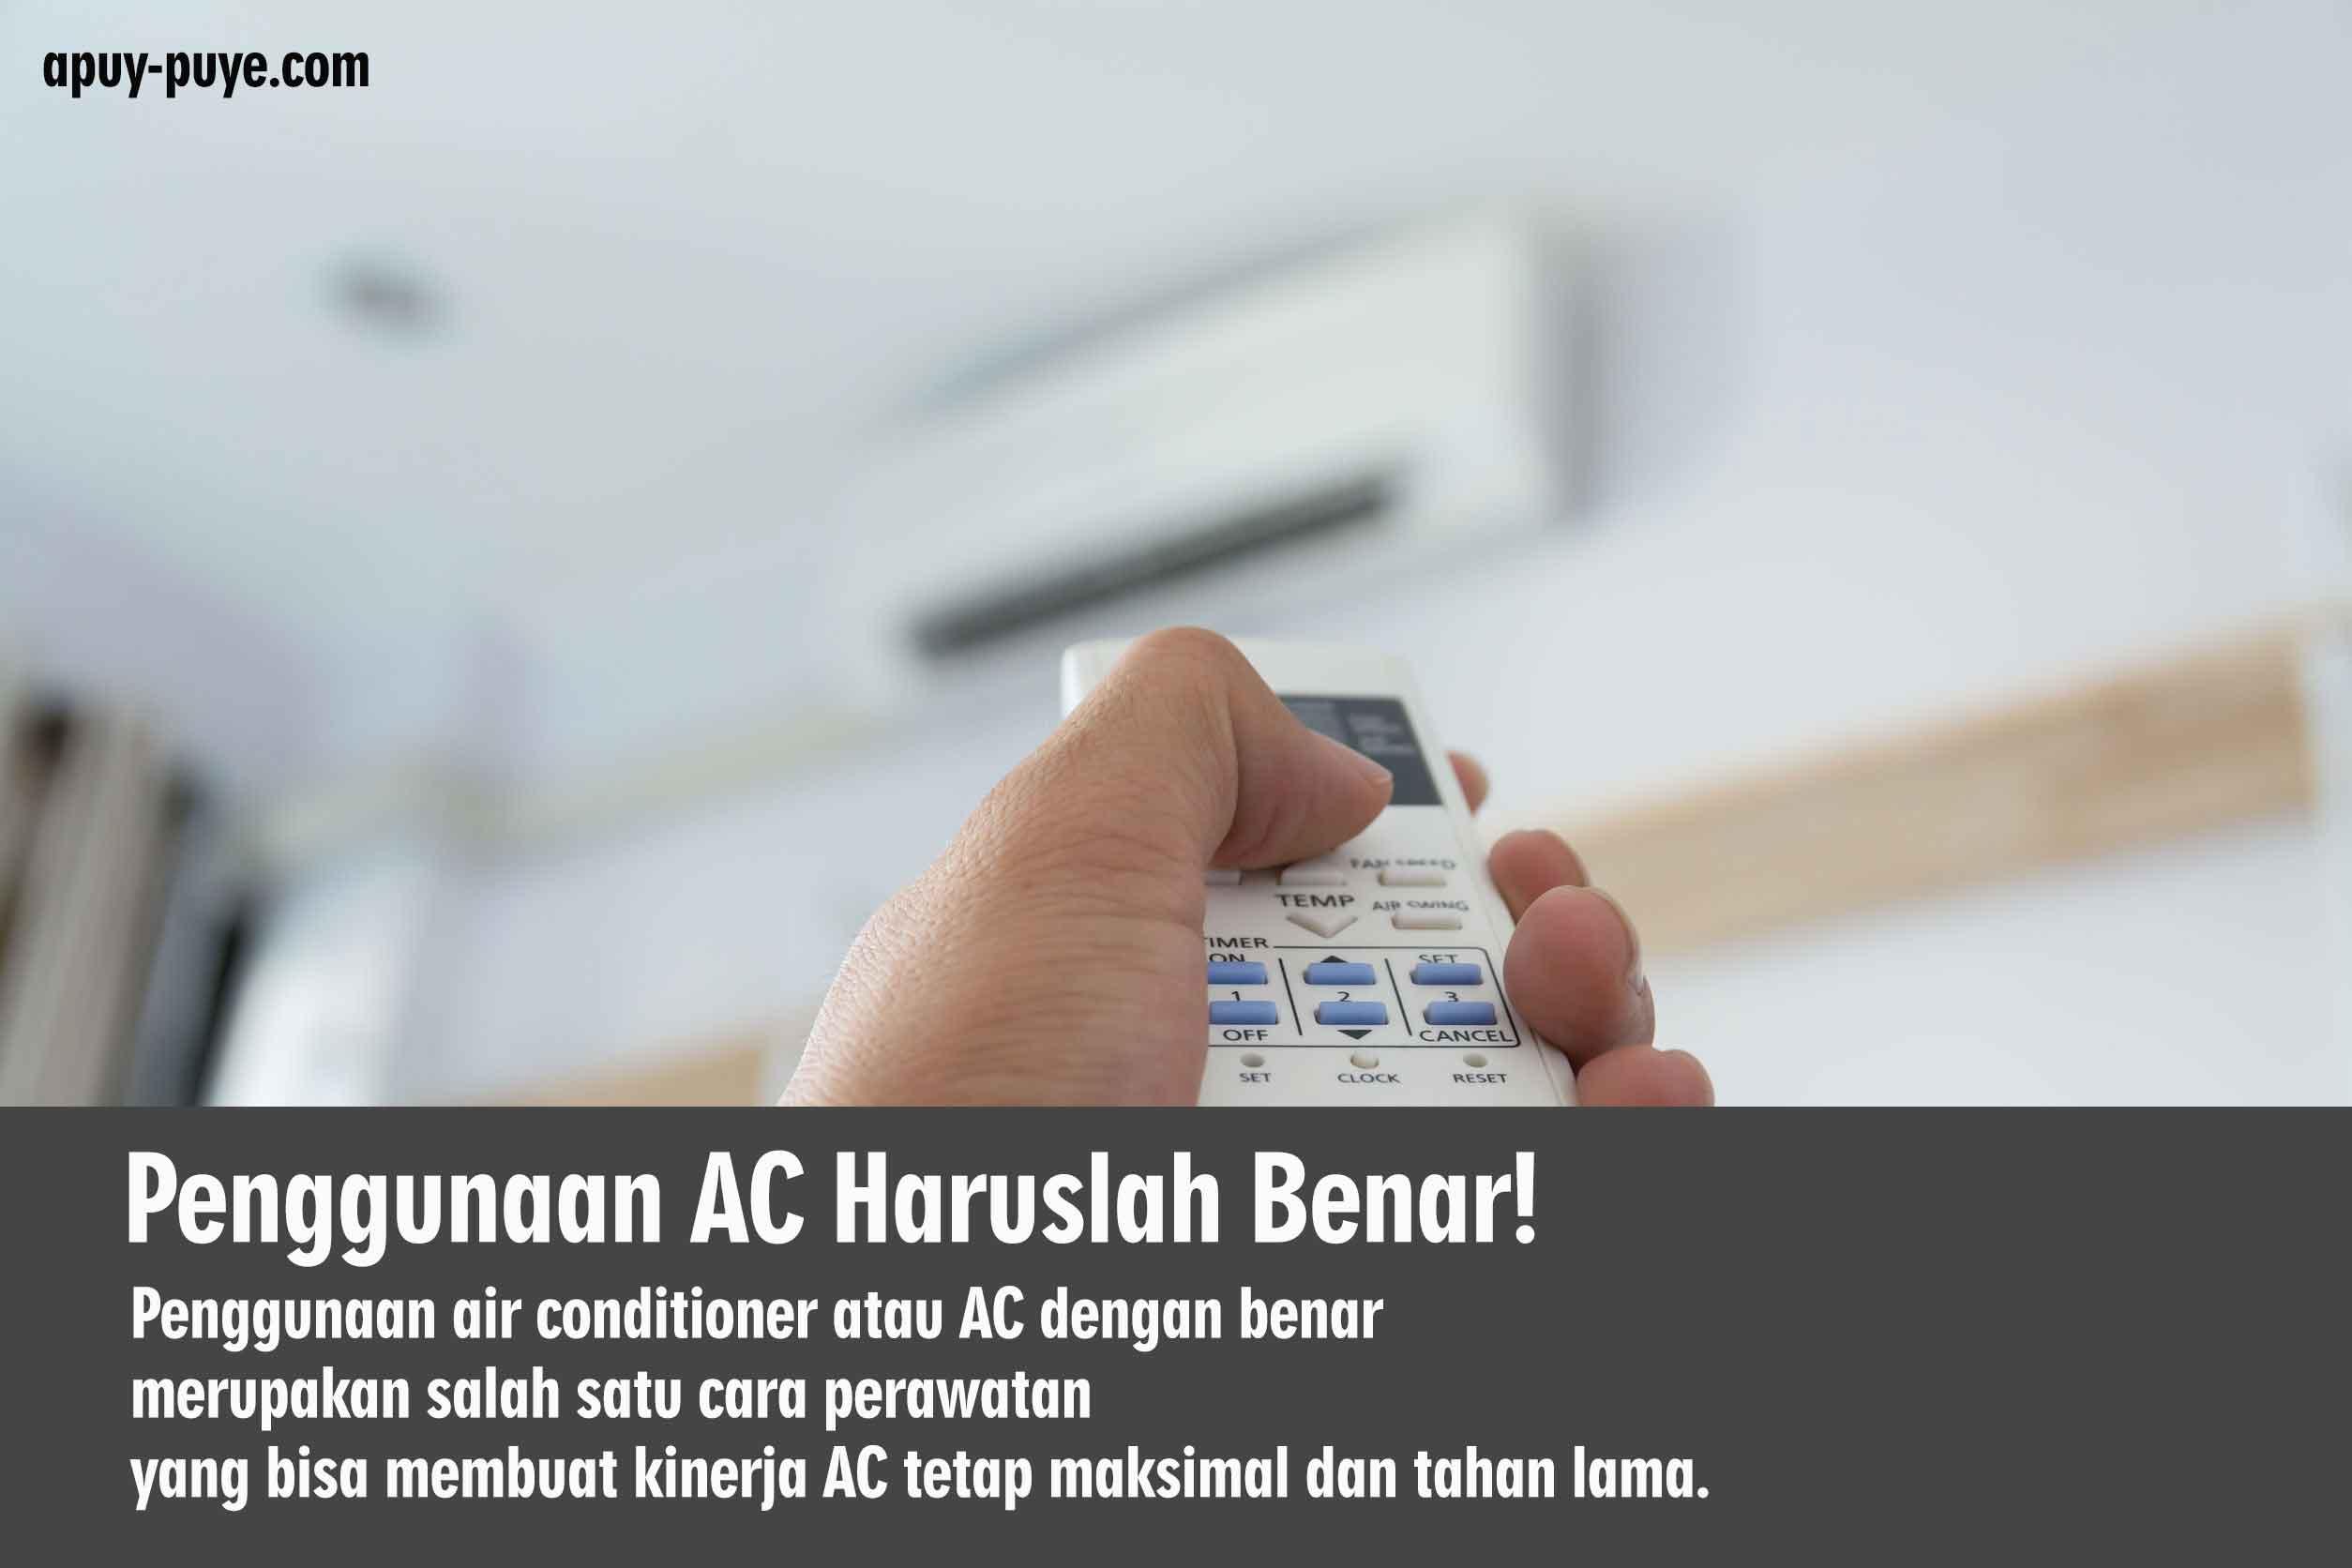 Penggunaan AC Haruslah Benar!